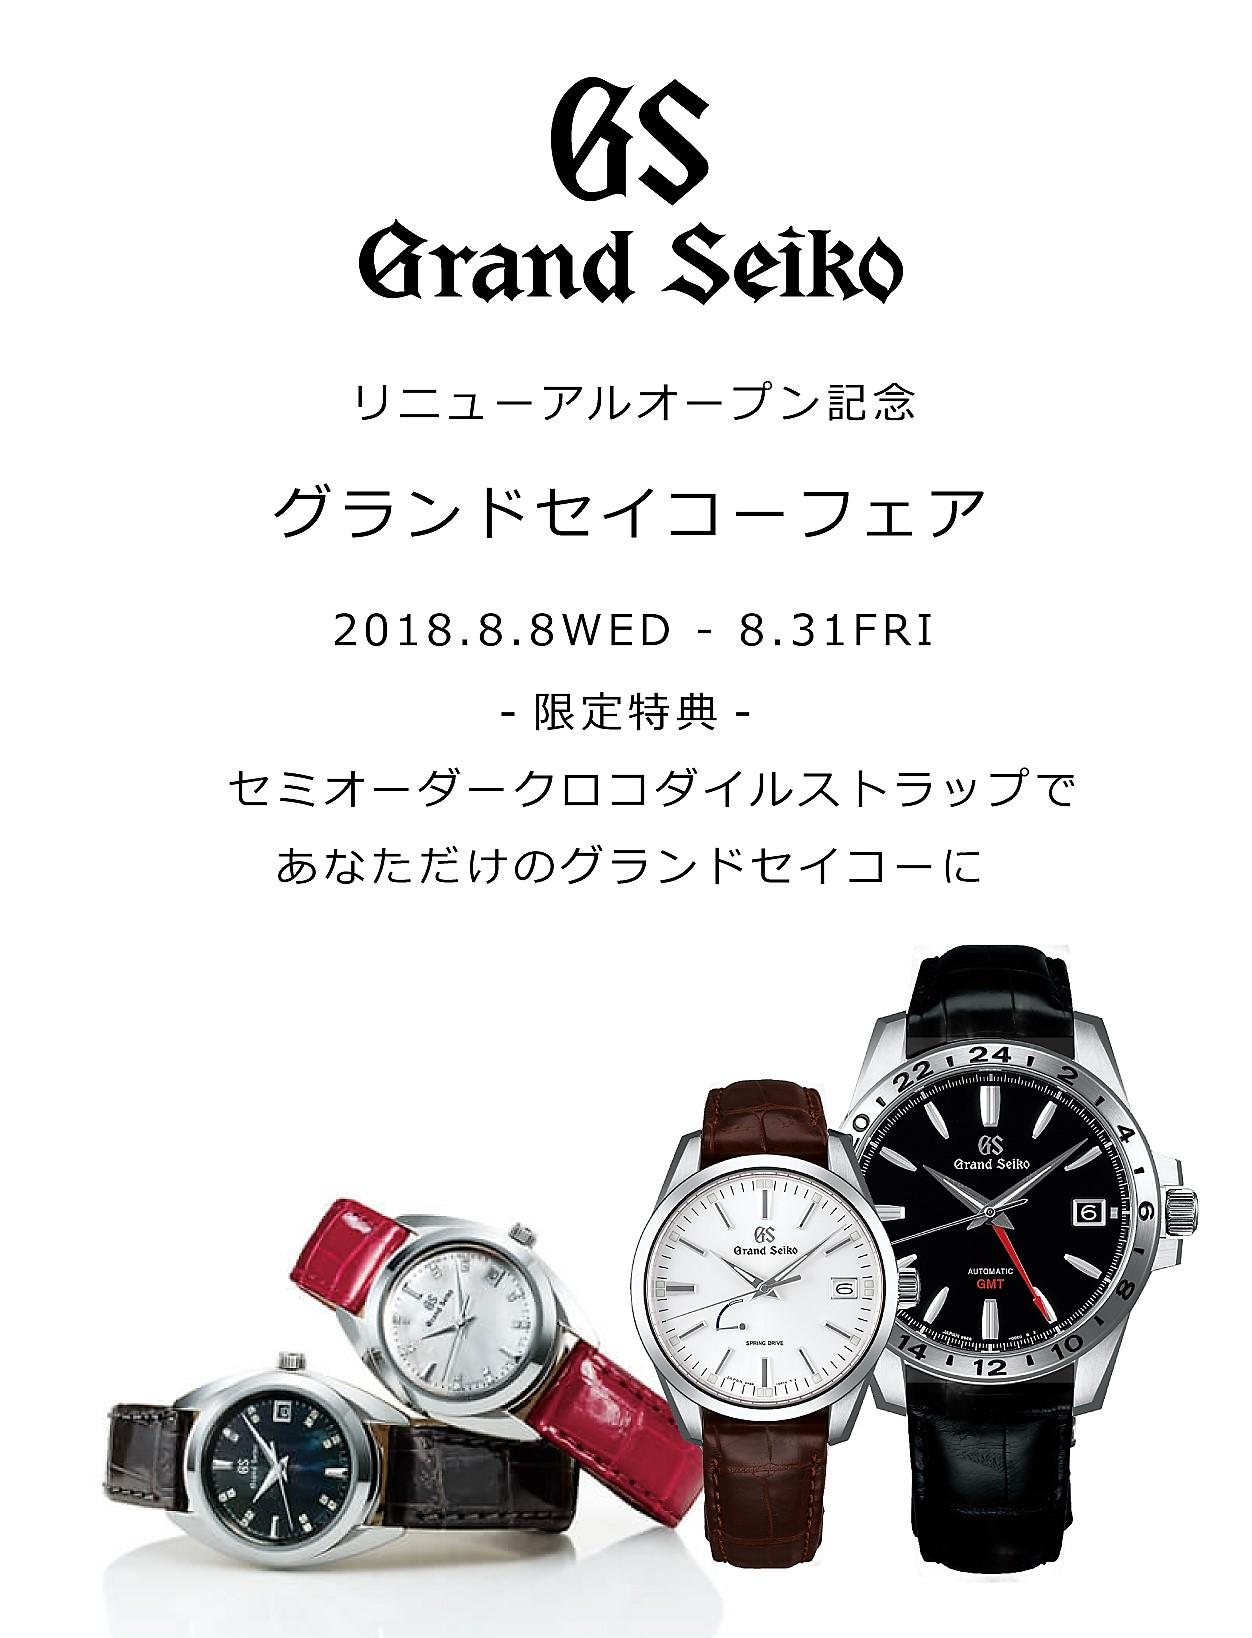 グランドセイコー 大阪